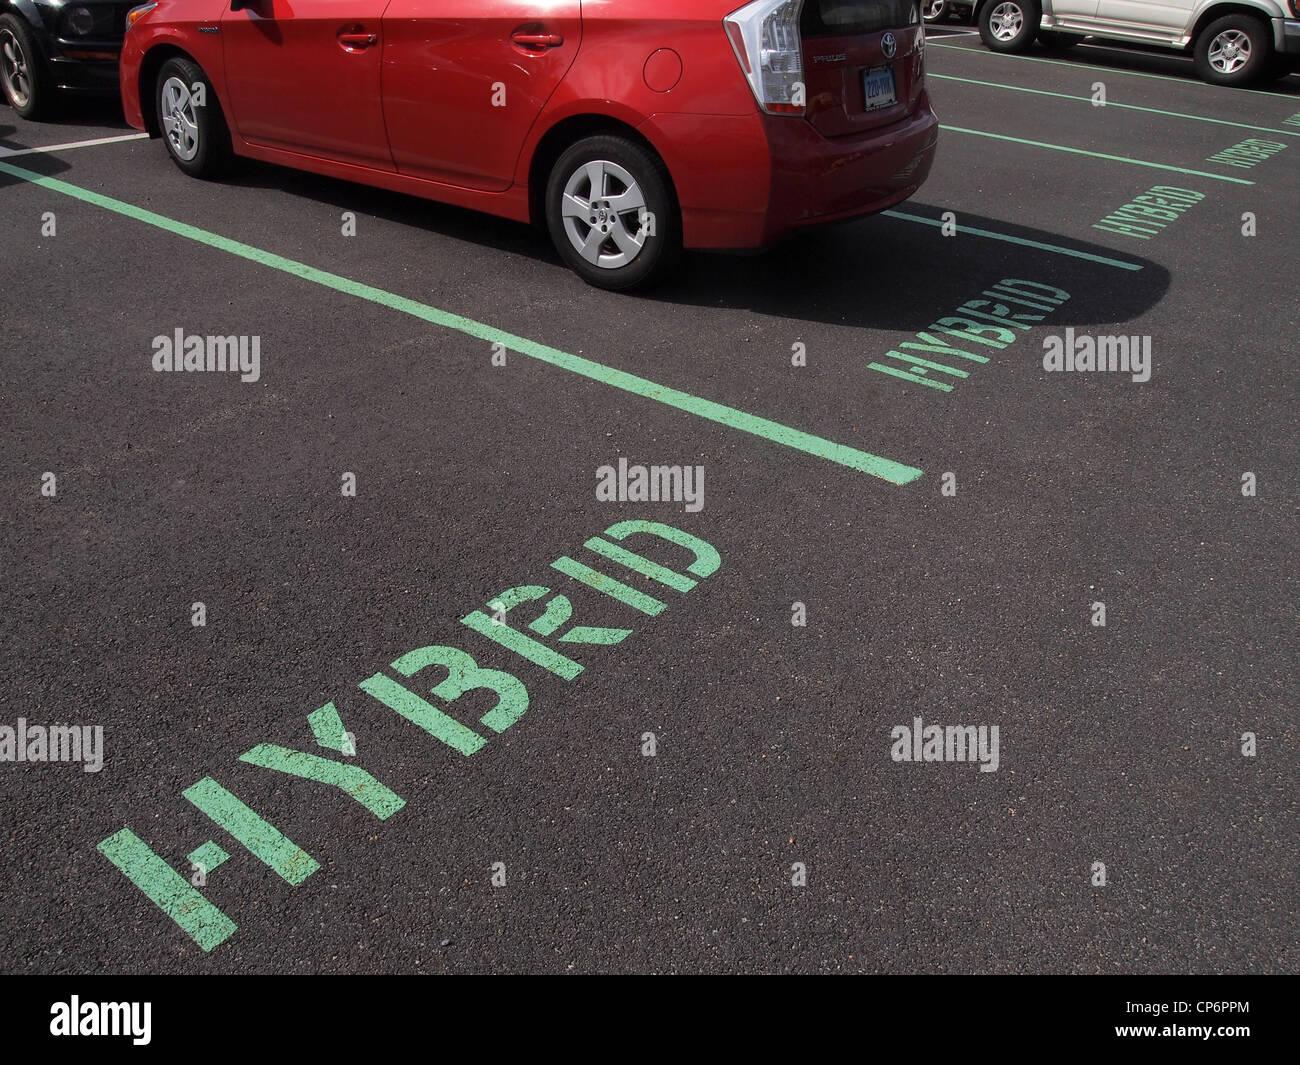 Toyota Prius parcheggiata in uno spazio riservato per i veicoli ibridi, New York, Stati Uniti, 8 marzo 2012, © Immagini Stock